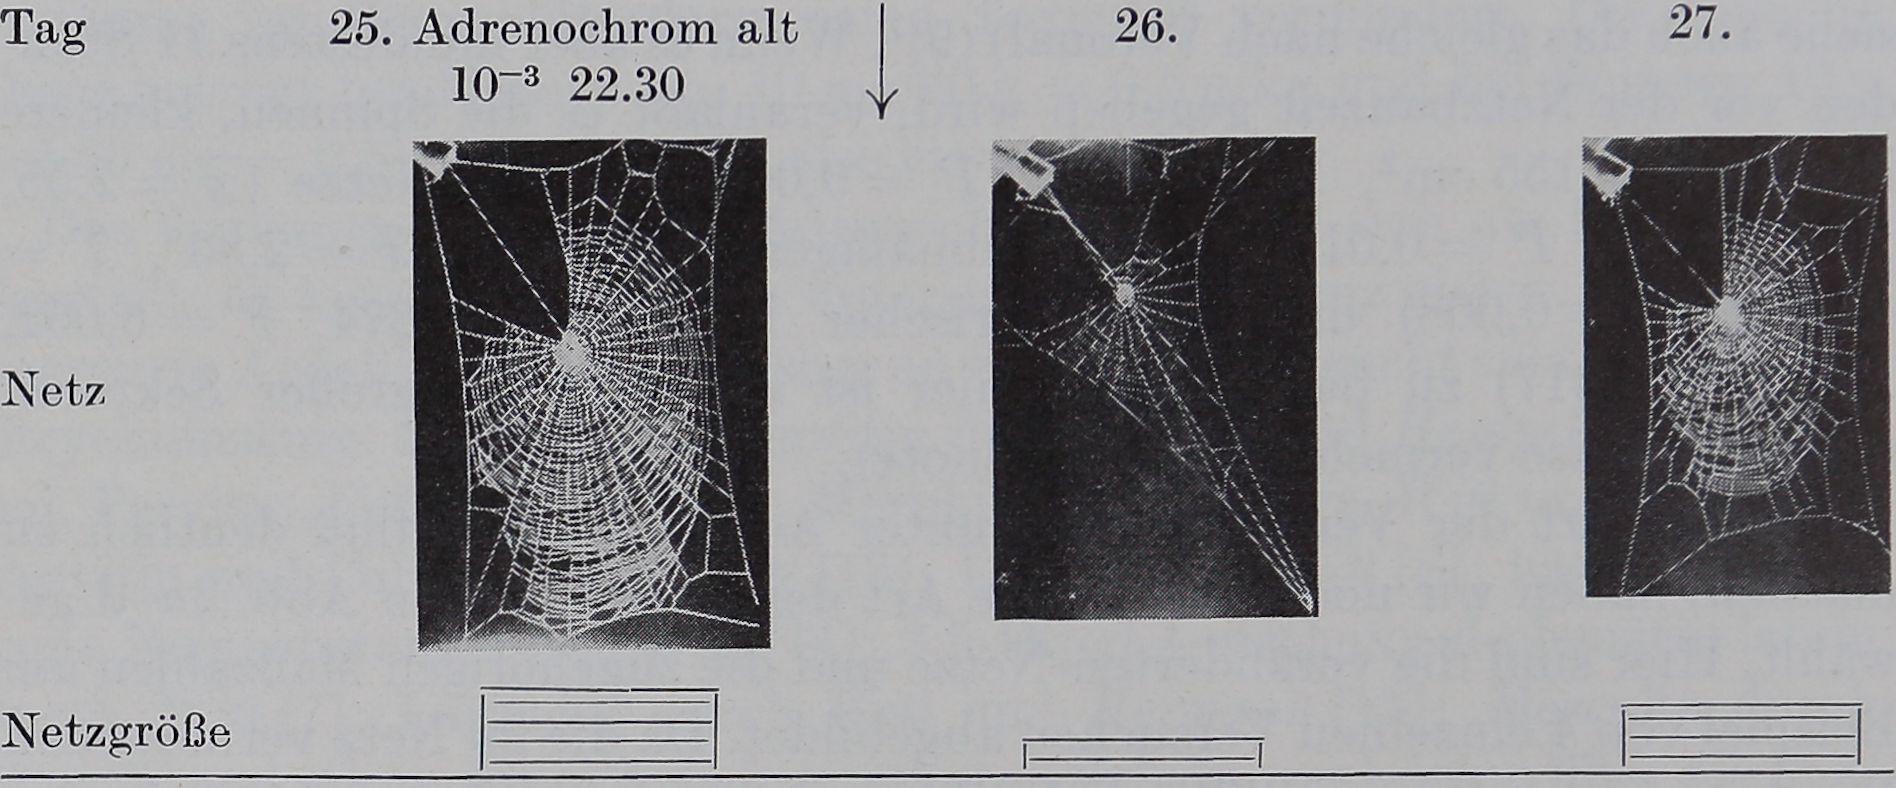 1954-Ein-Biologischer-5